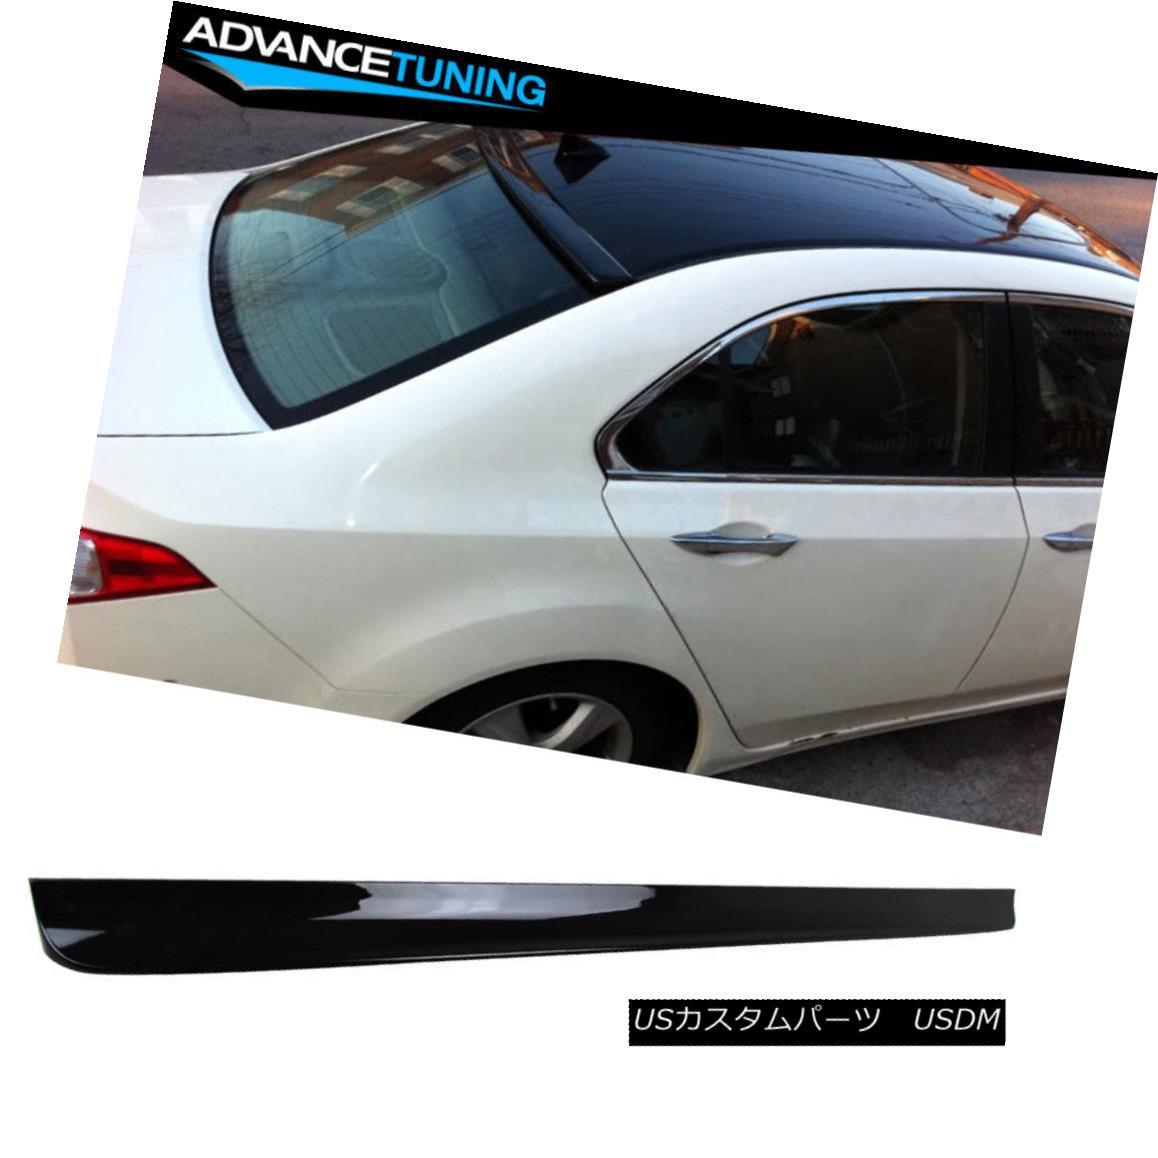 エアロパーツ Fits 09-14 Nissan 370Z 2DR Roof Spoiler OEM Painted Color # KH3 Super Black フィット09-14日産370Z 2DR屋根スポイラーOEM塗装カラー#KH3スーパーブラック